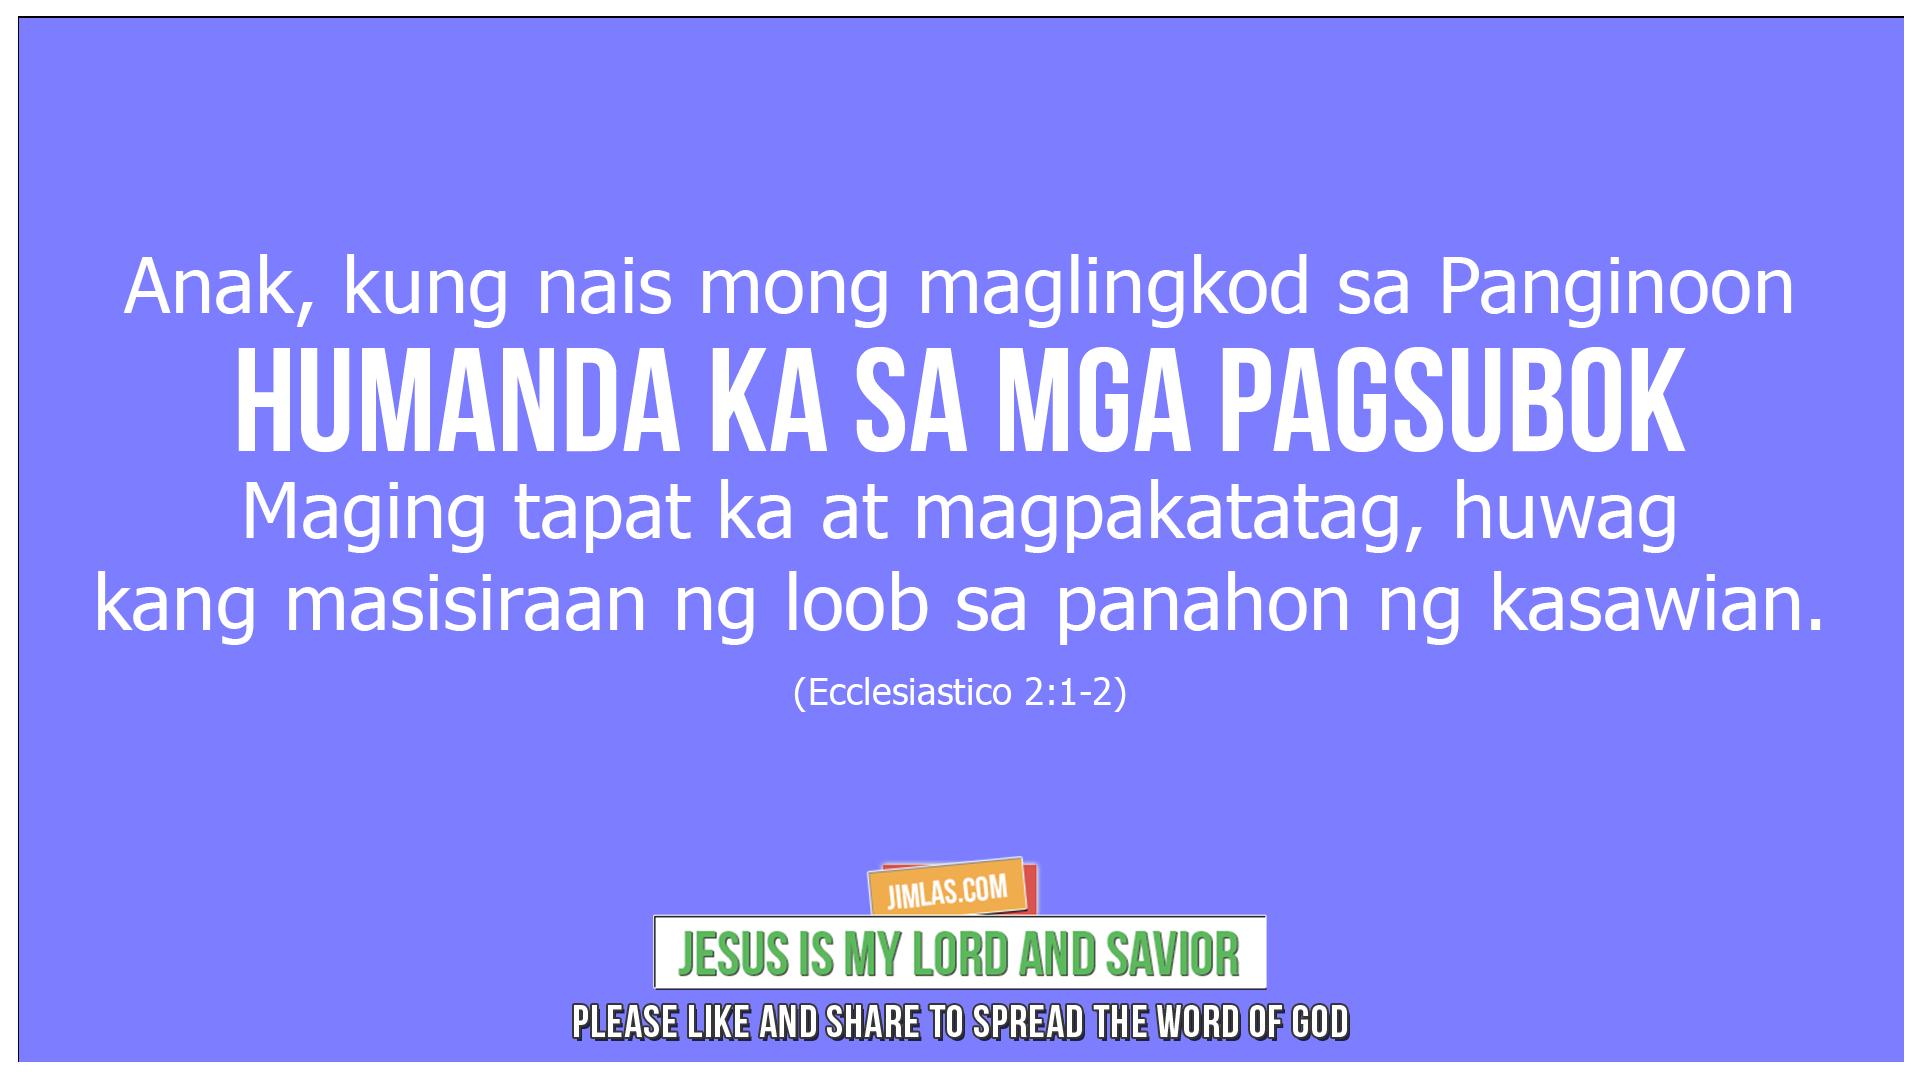 ecclesiastico 2 1-2, Ecclesiastico 2:1-2